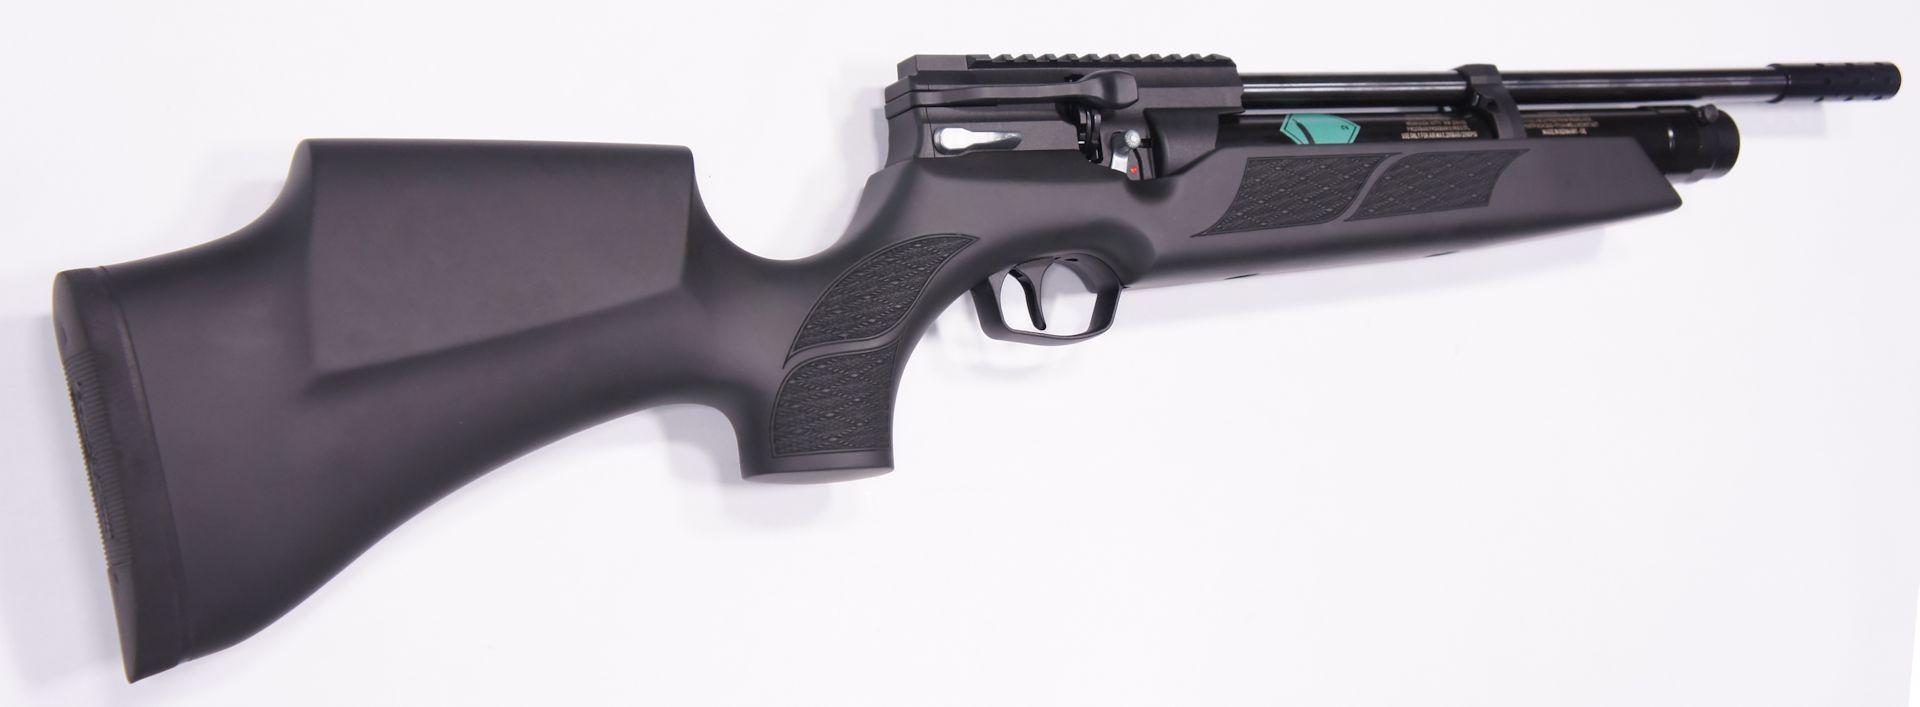 Erwerbsscheinpflichtiges Luftgewehr Weihrauch HW 110 ST mit Kompensator